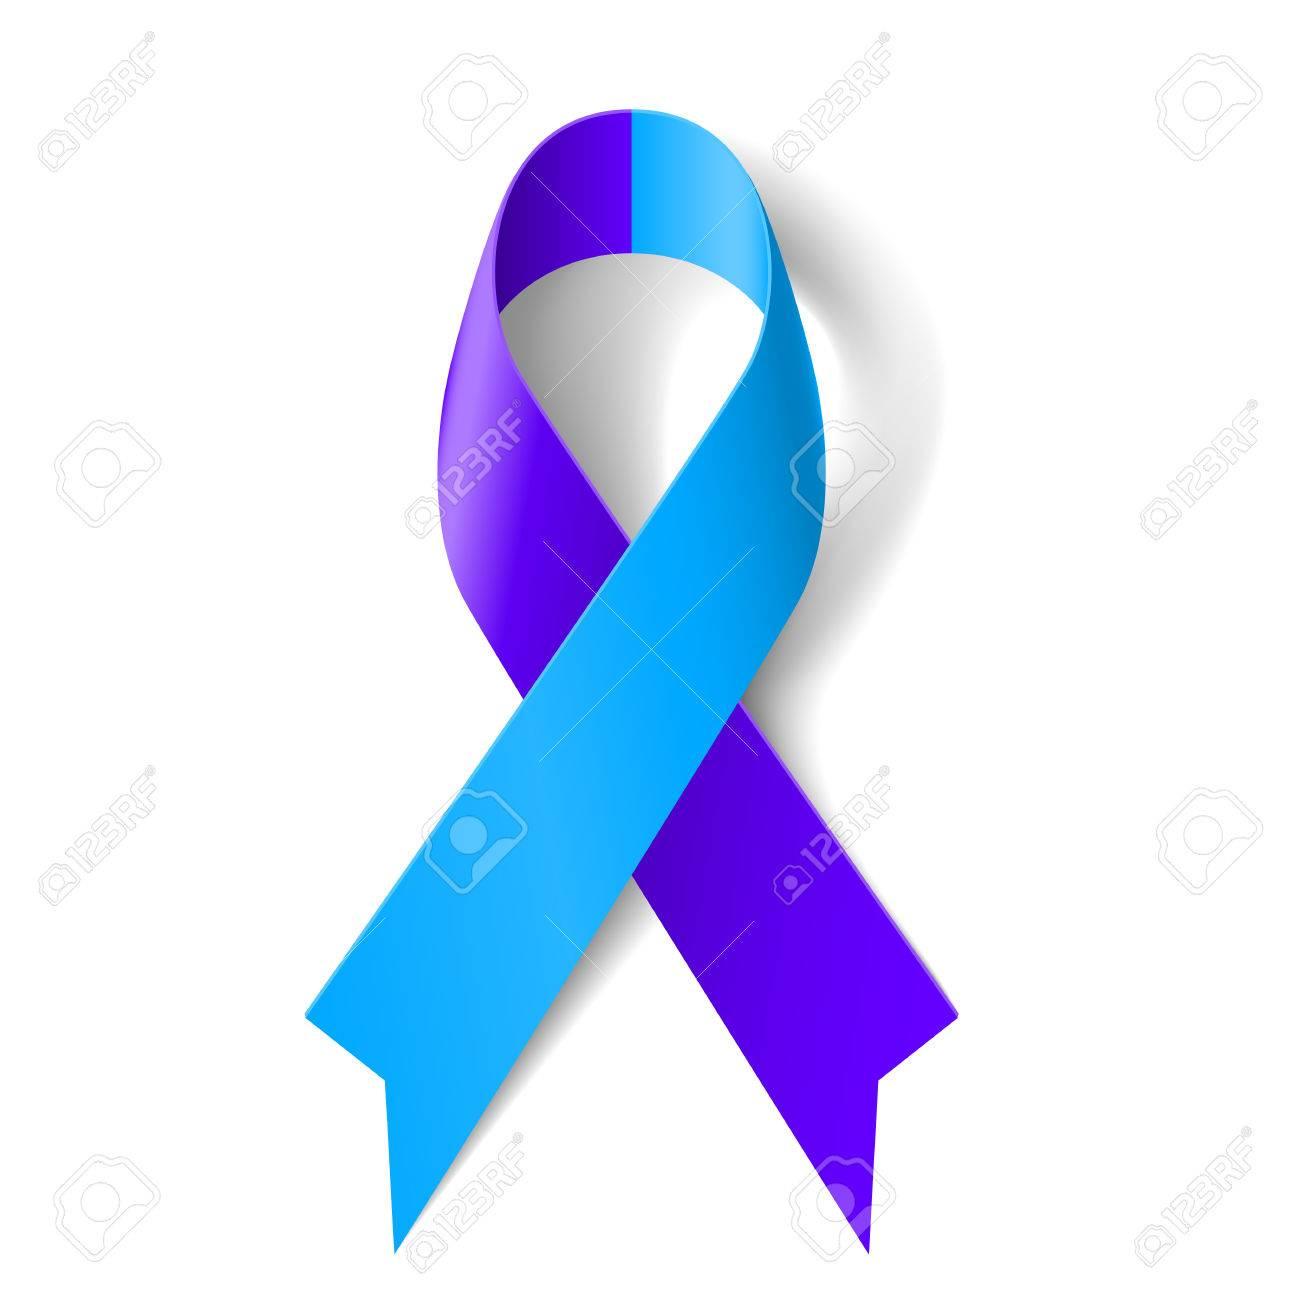 cinta azul y púrpura como símbolo de la artritis reumatoide